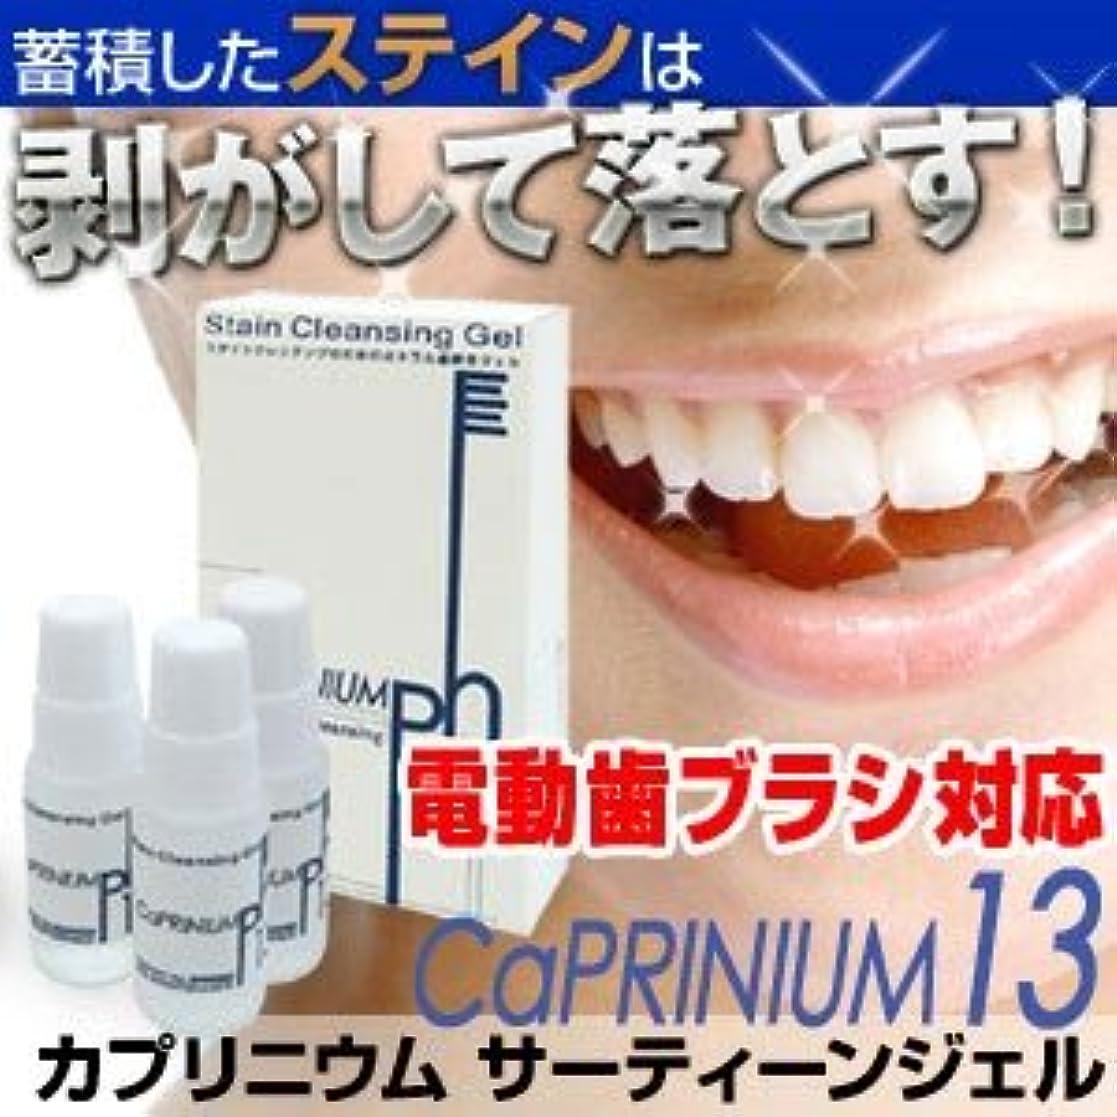 蛾アーサーコナンドイル誤解させるカプリニウム サーティーンジェル(CaPRINIUM 13) 新発想のホワイトニング歯磨きジェル